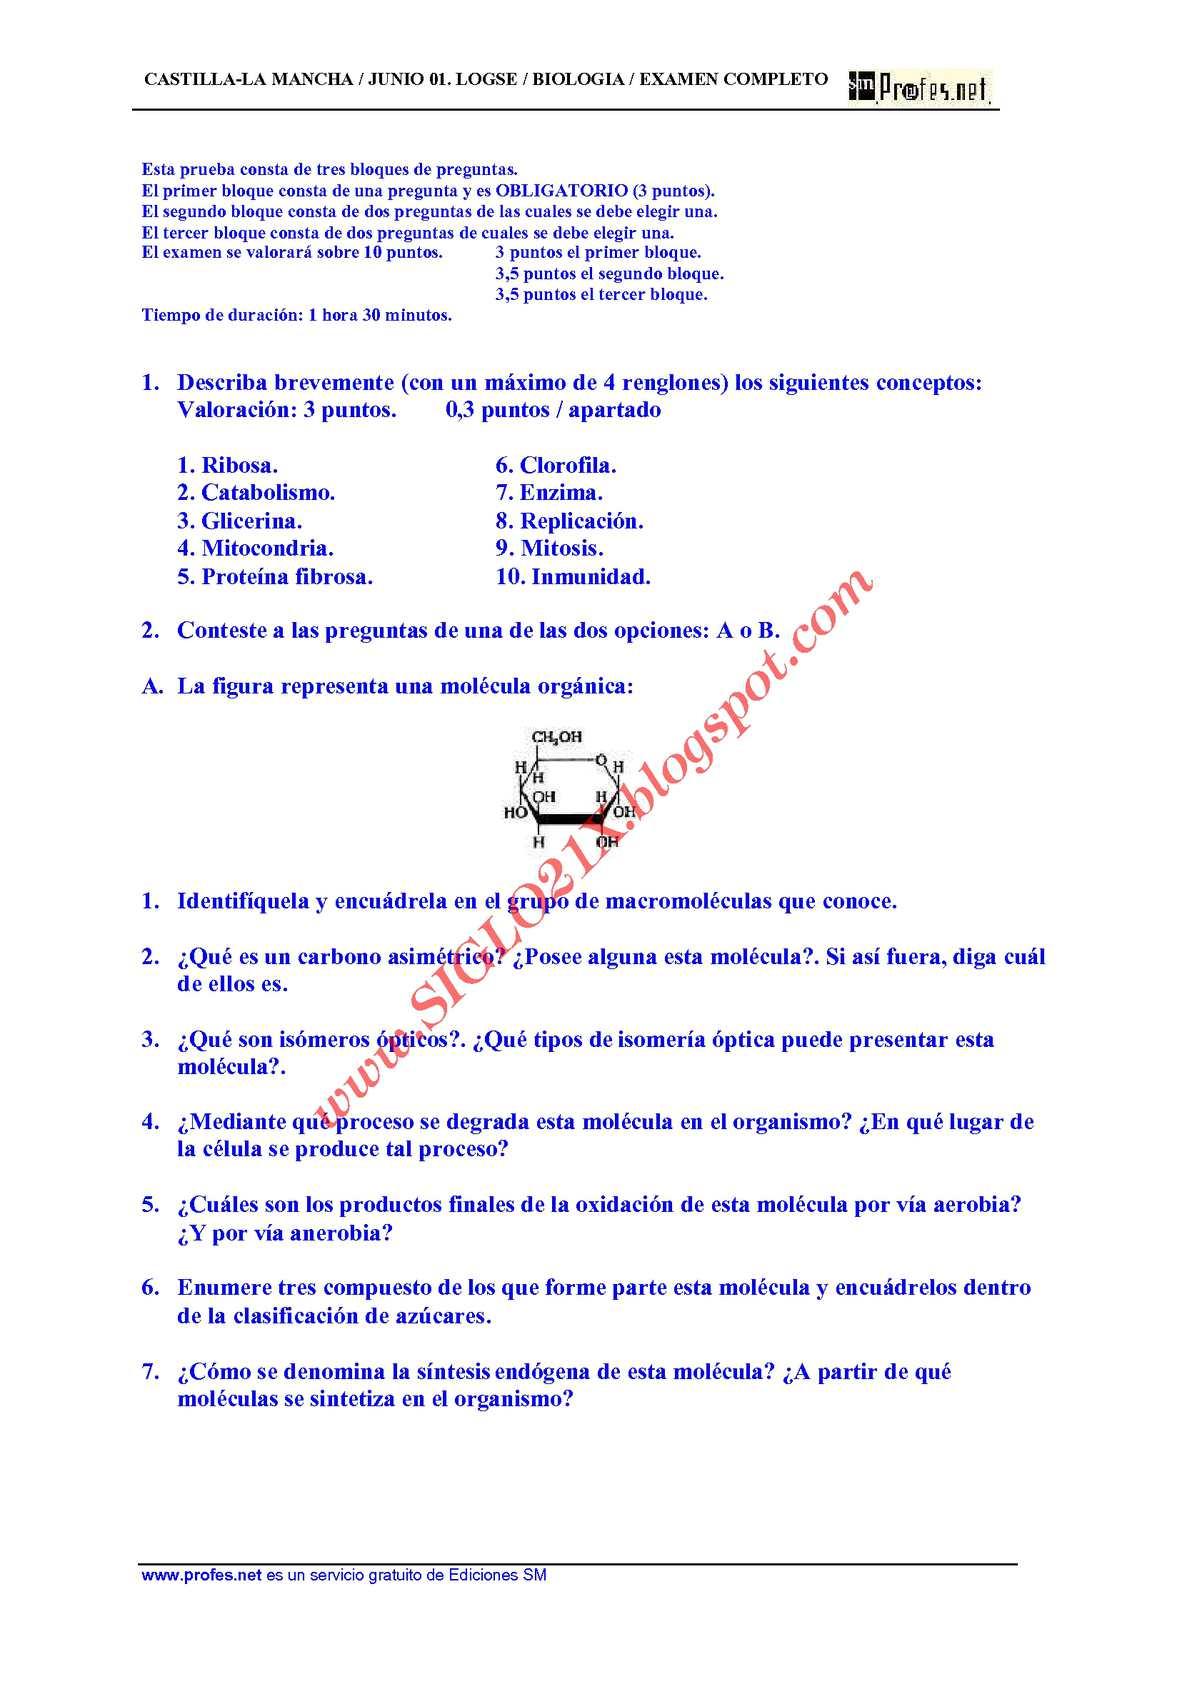 BIOLOGIA-SELECTIVIDAD-EXAMEN 5 RESUELTO- CASTILLA-LA MANCHA-www.SIGLO21X.blogspot.com